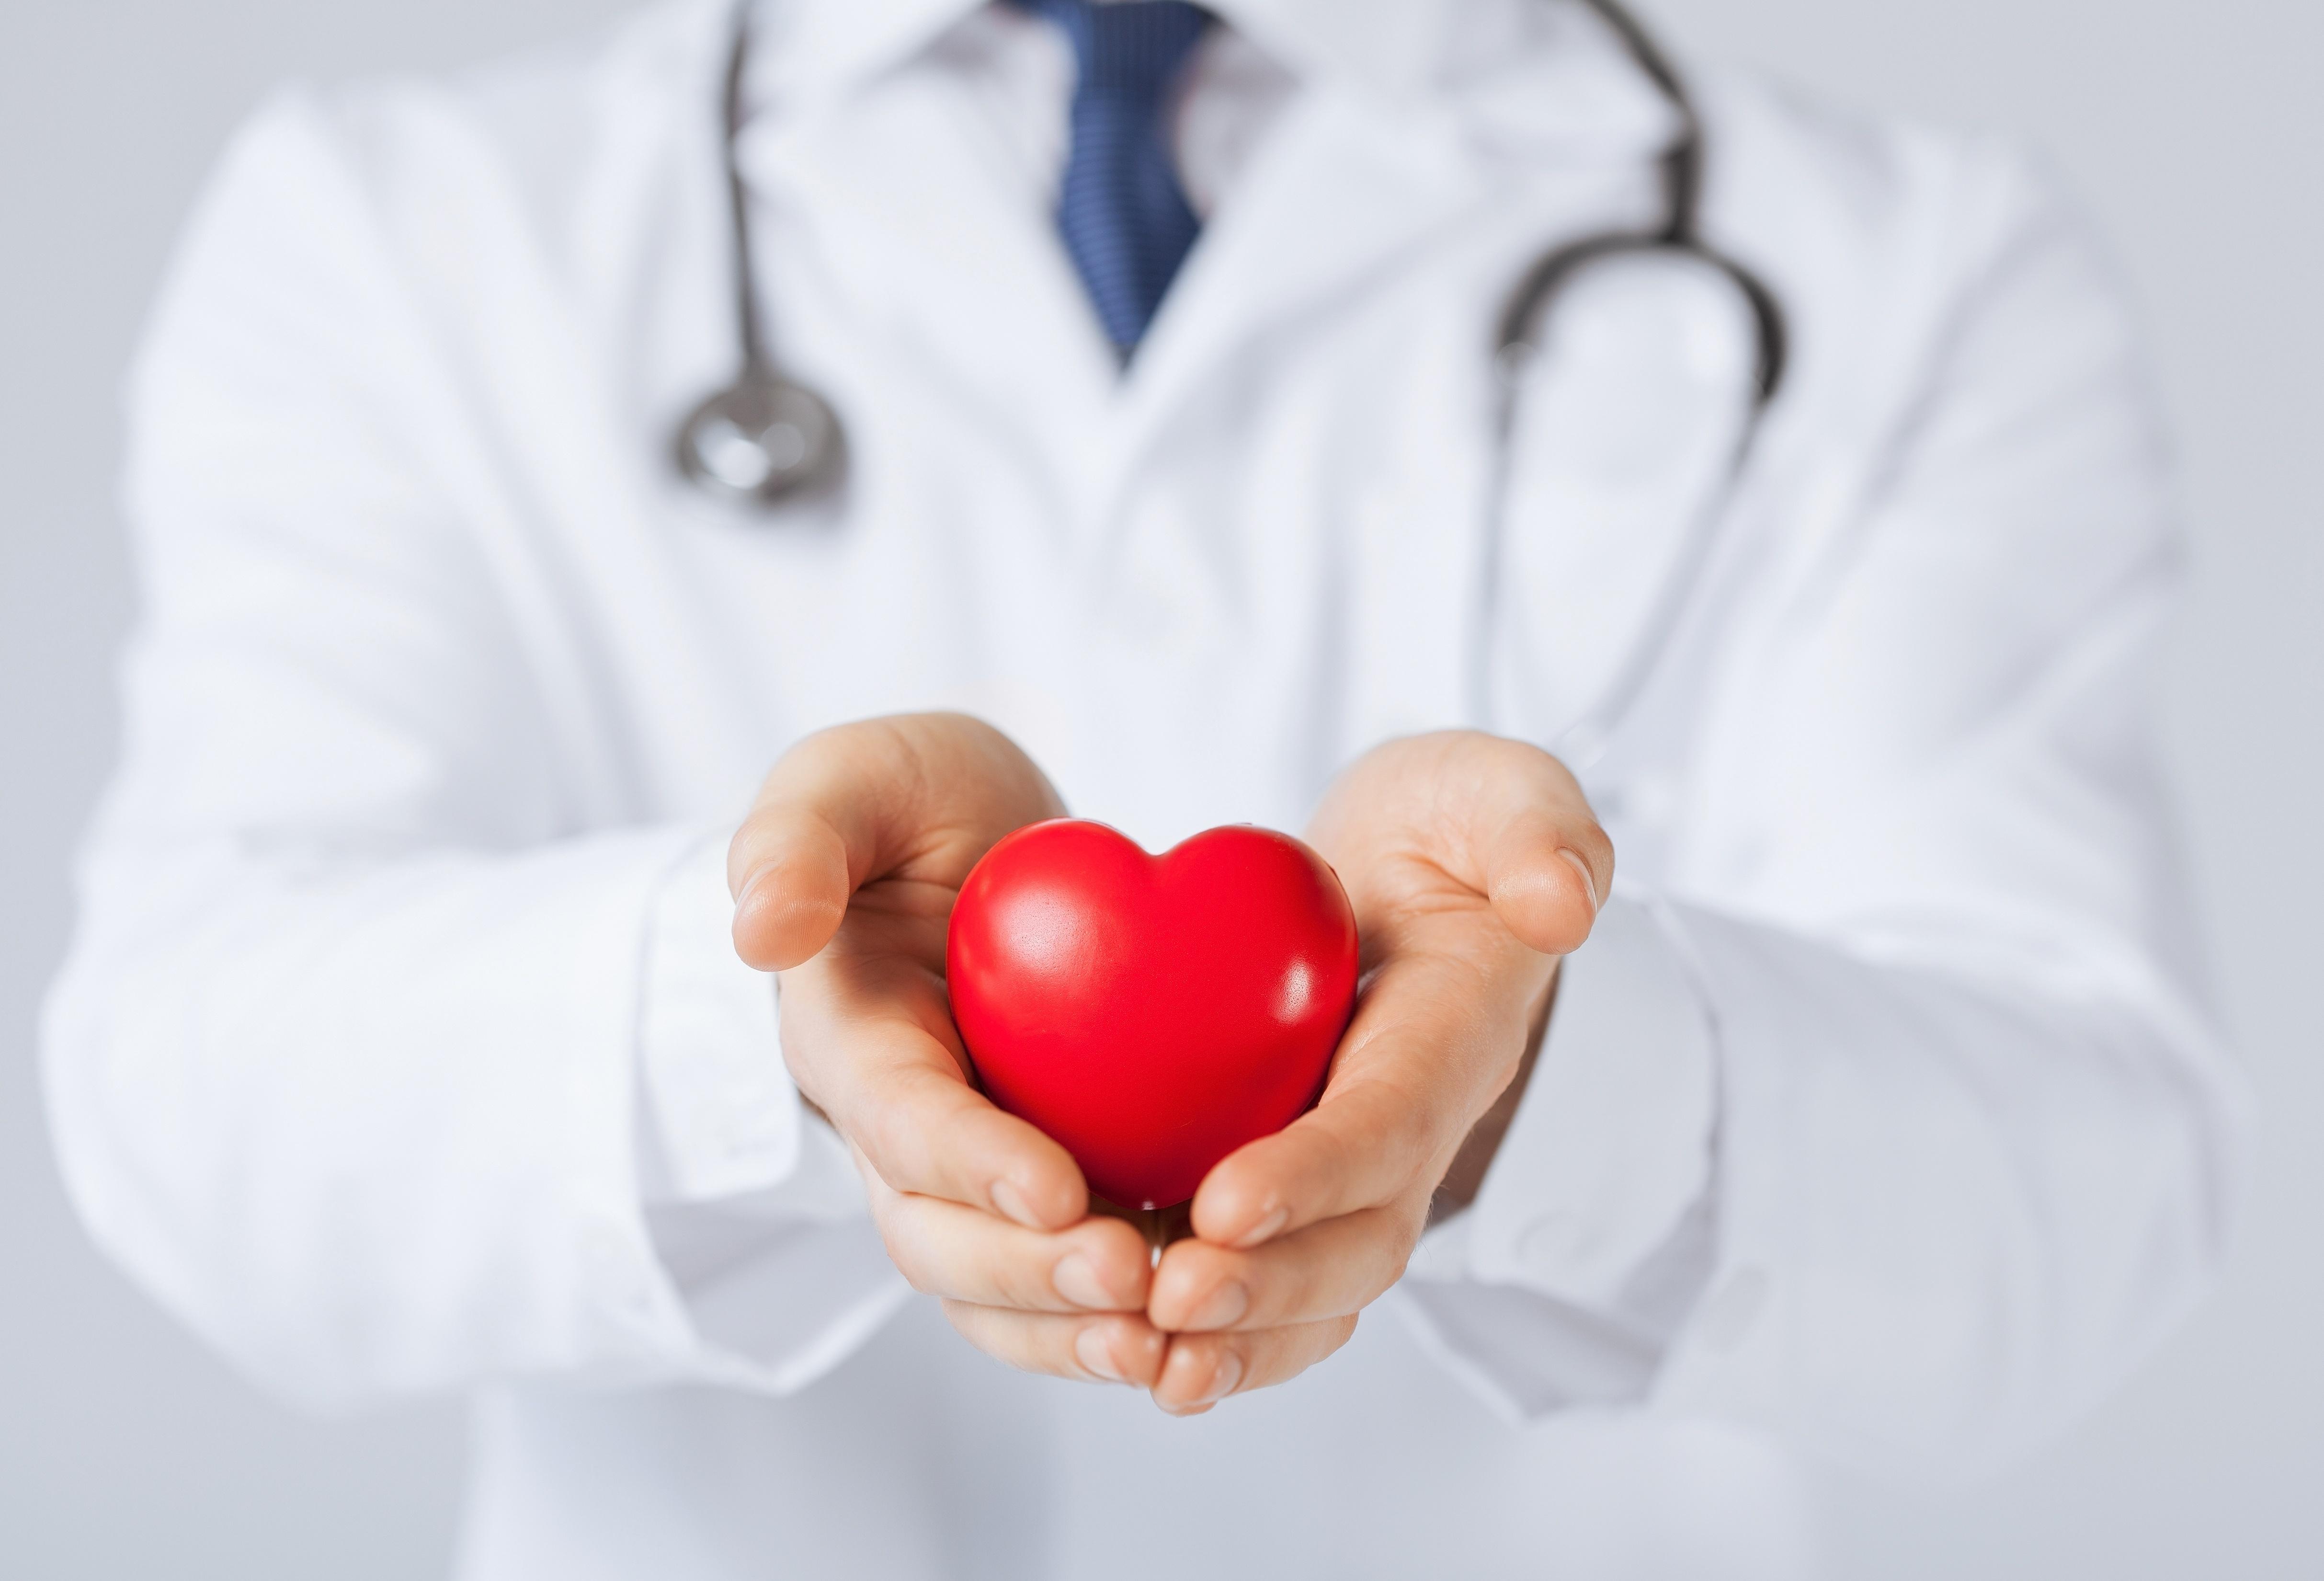 酵素对心、肝、肾、脾、肠的功效